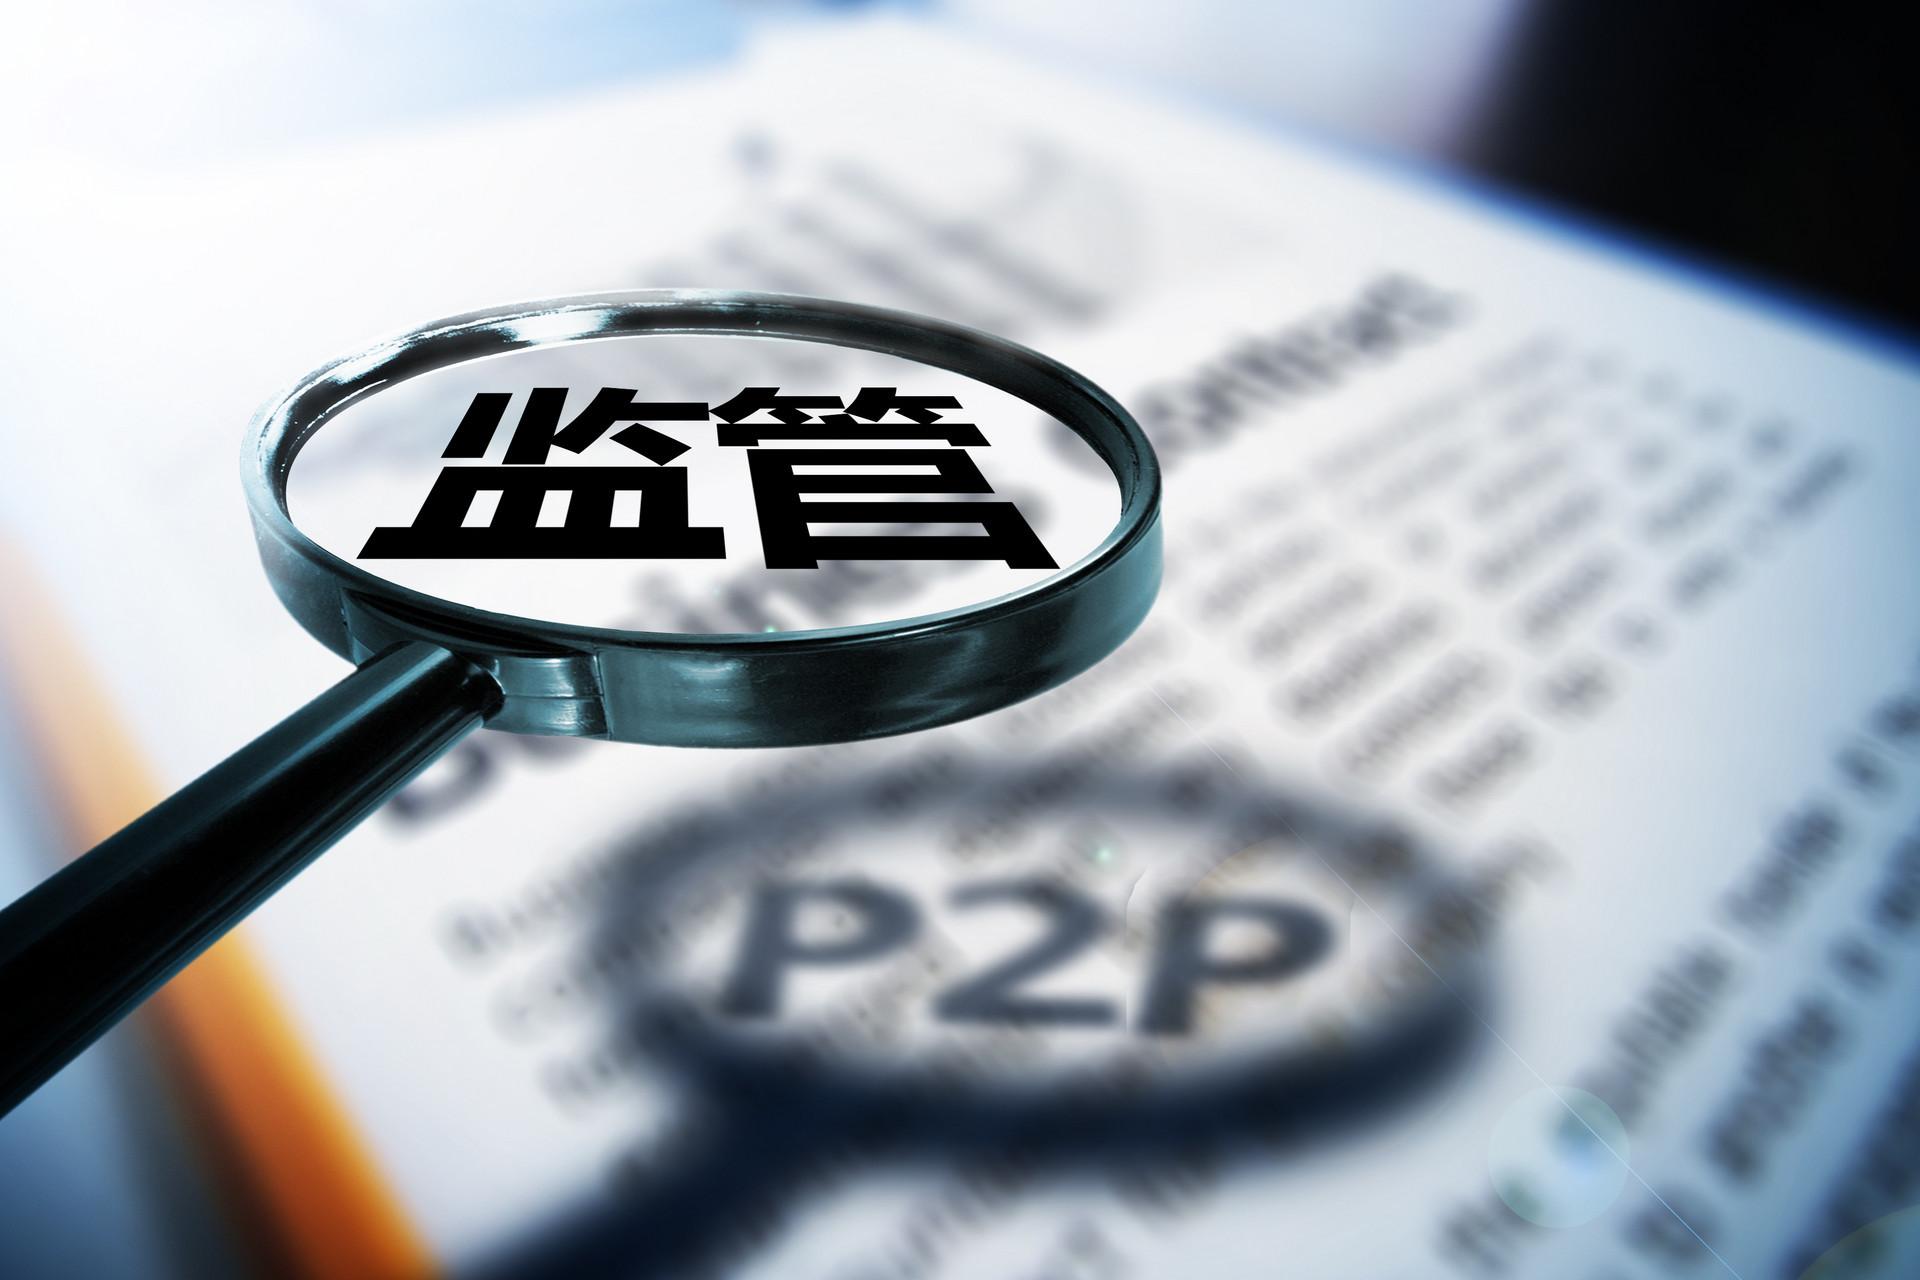 网贷再面监管风暴  山东省将取缔全部未通过验收的P2P网贷业务